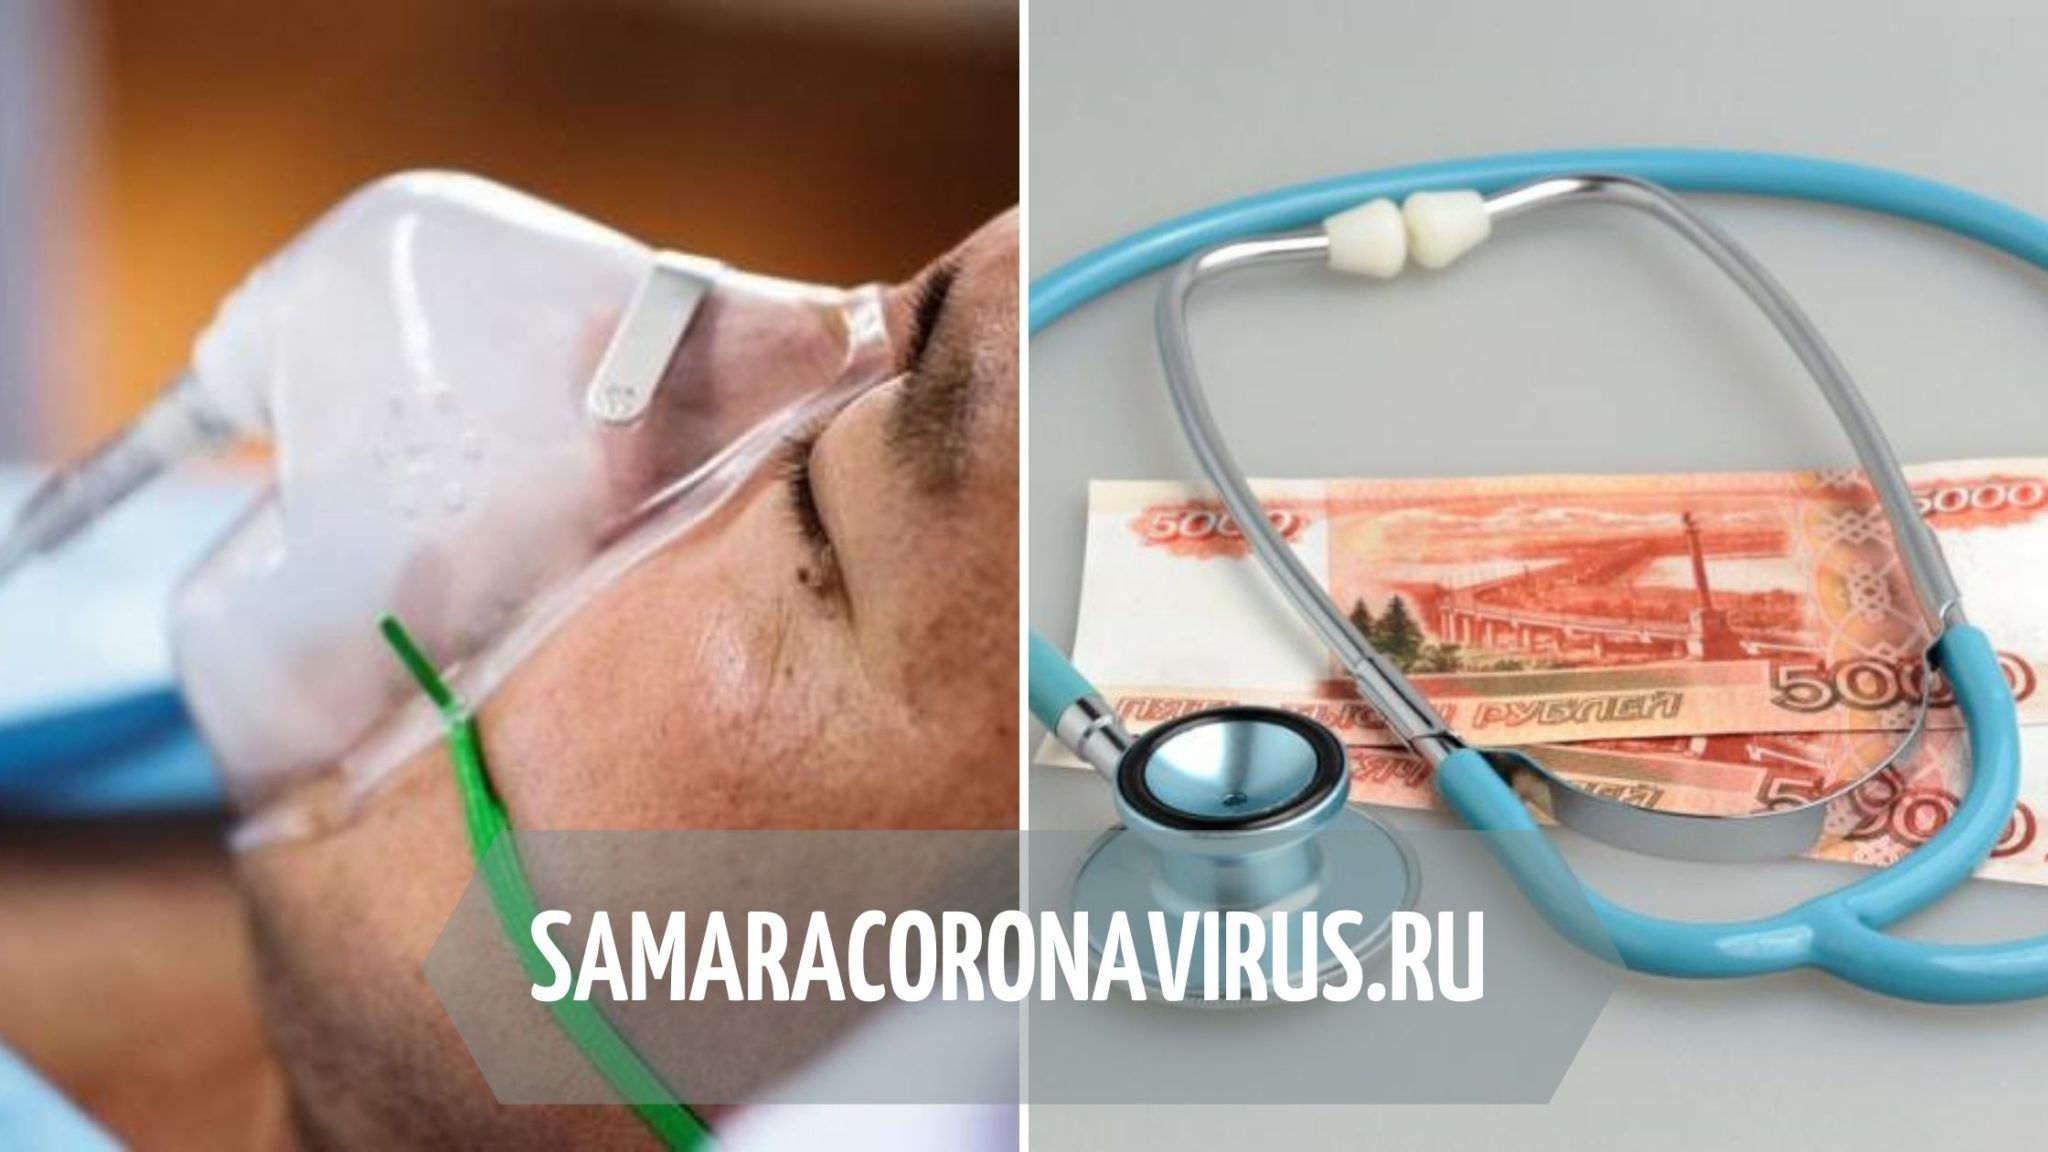 Больничный заболевшим коронавирусом на работе